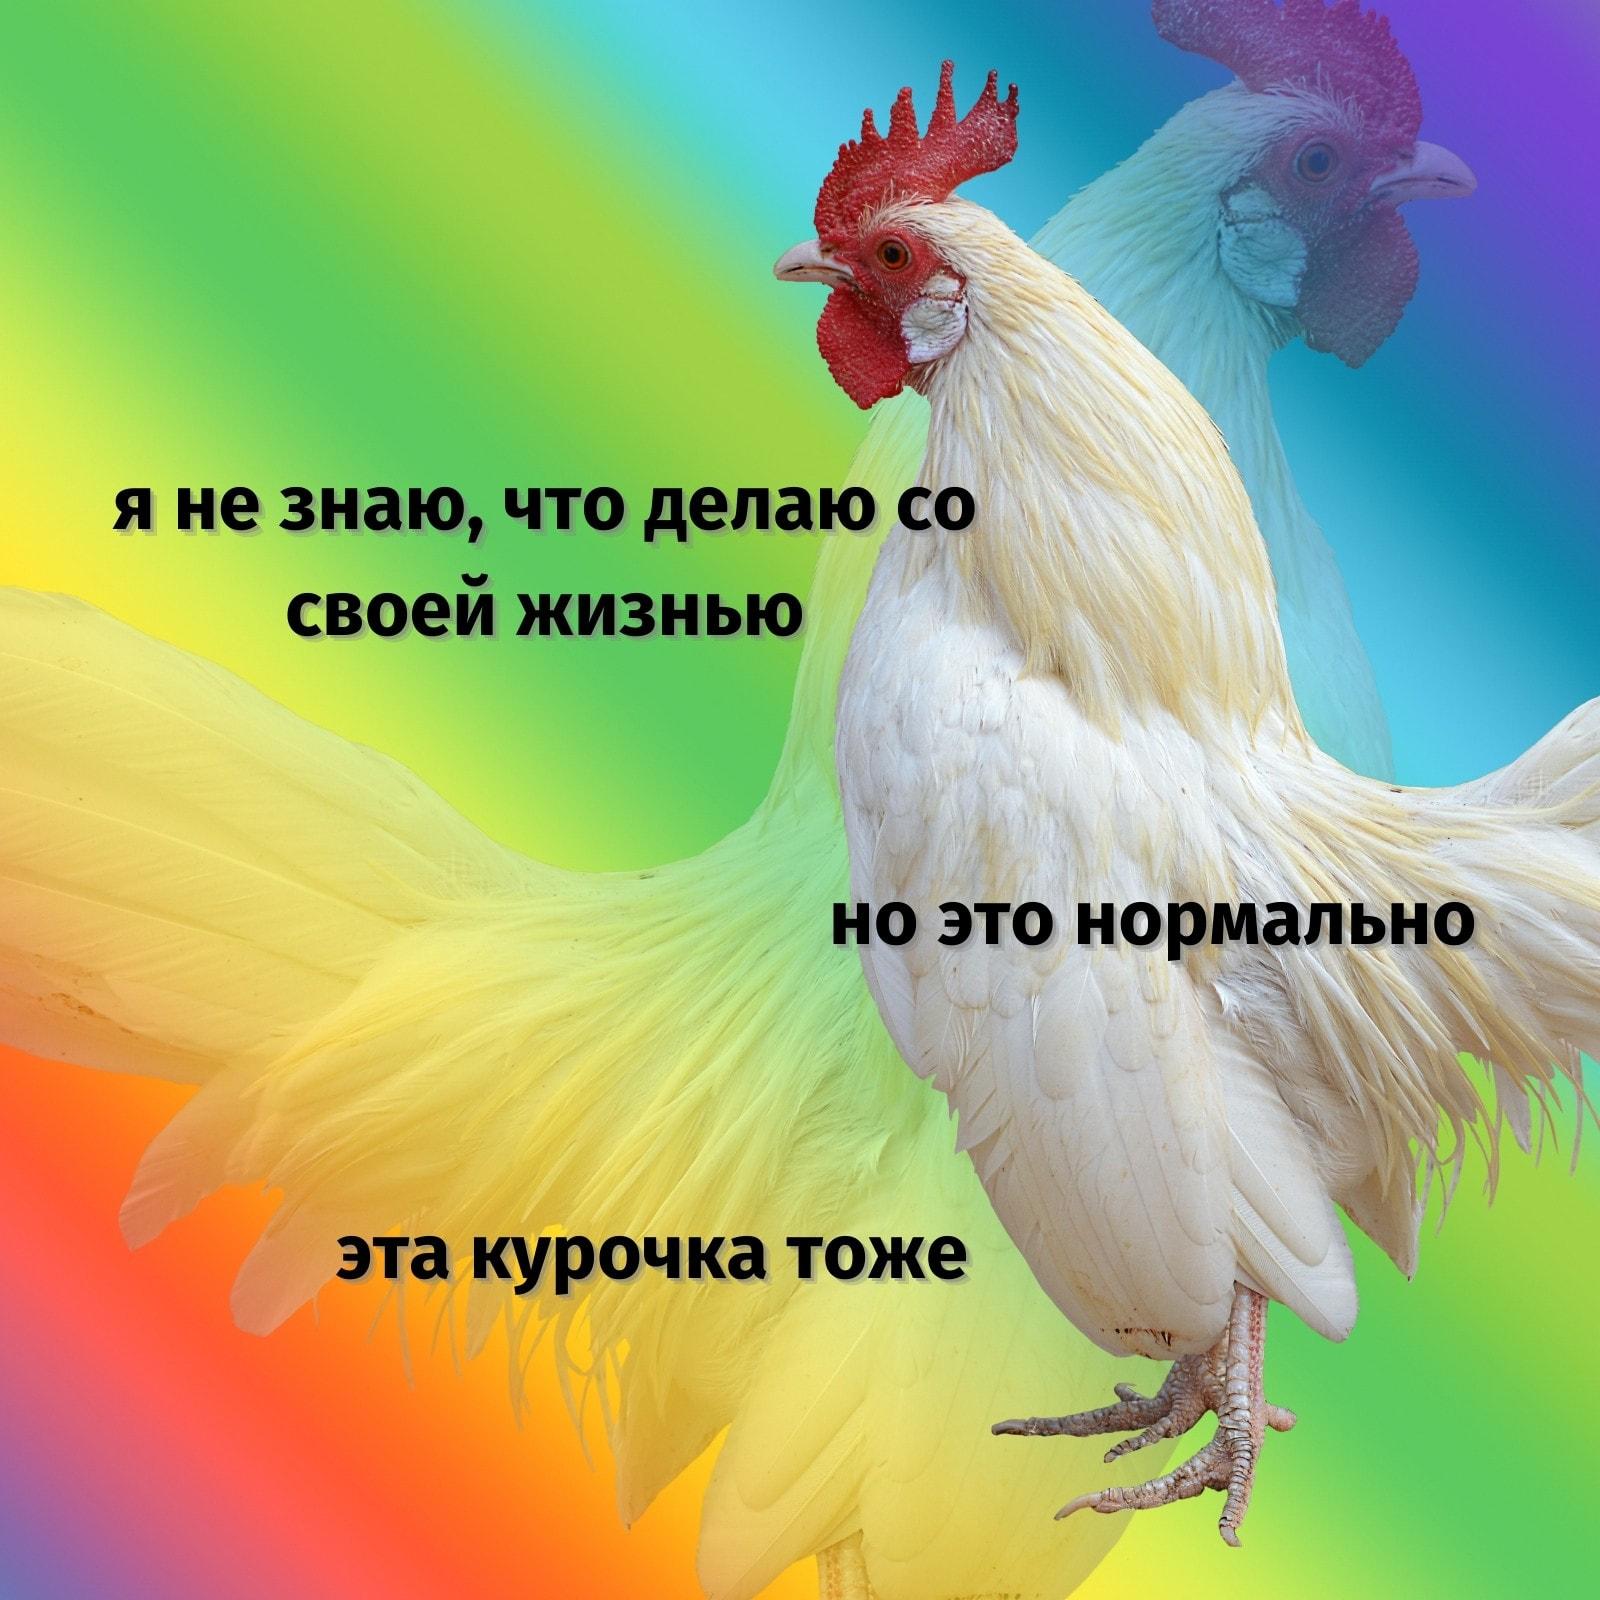 Разноцветный Петух Необычный Градиент Экзистенциальный Квадрат Вдохновляющий Мем